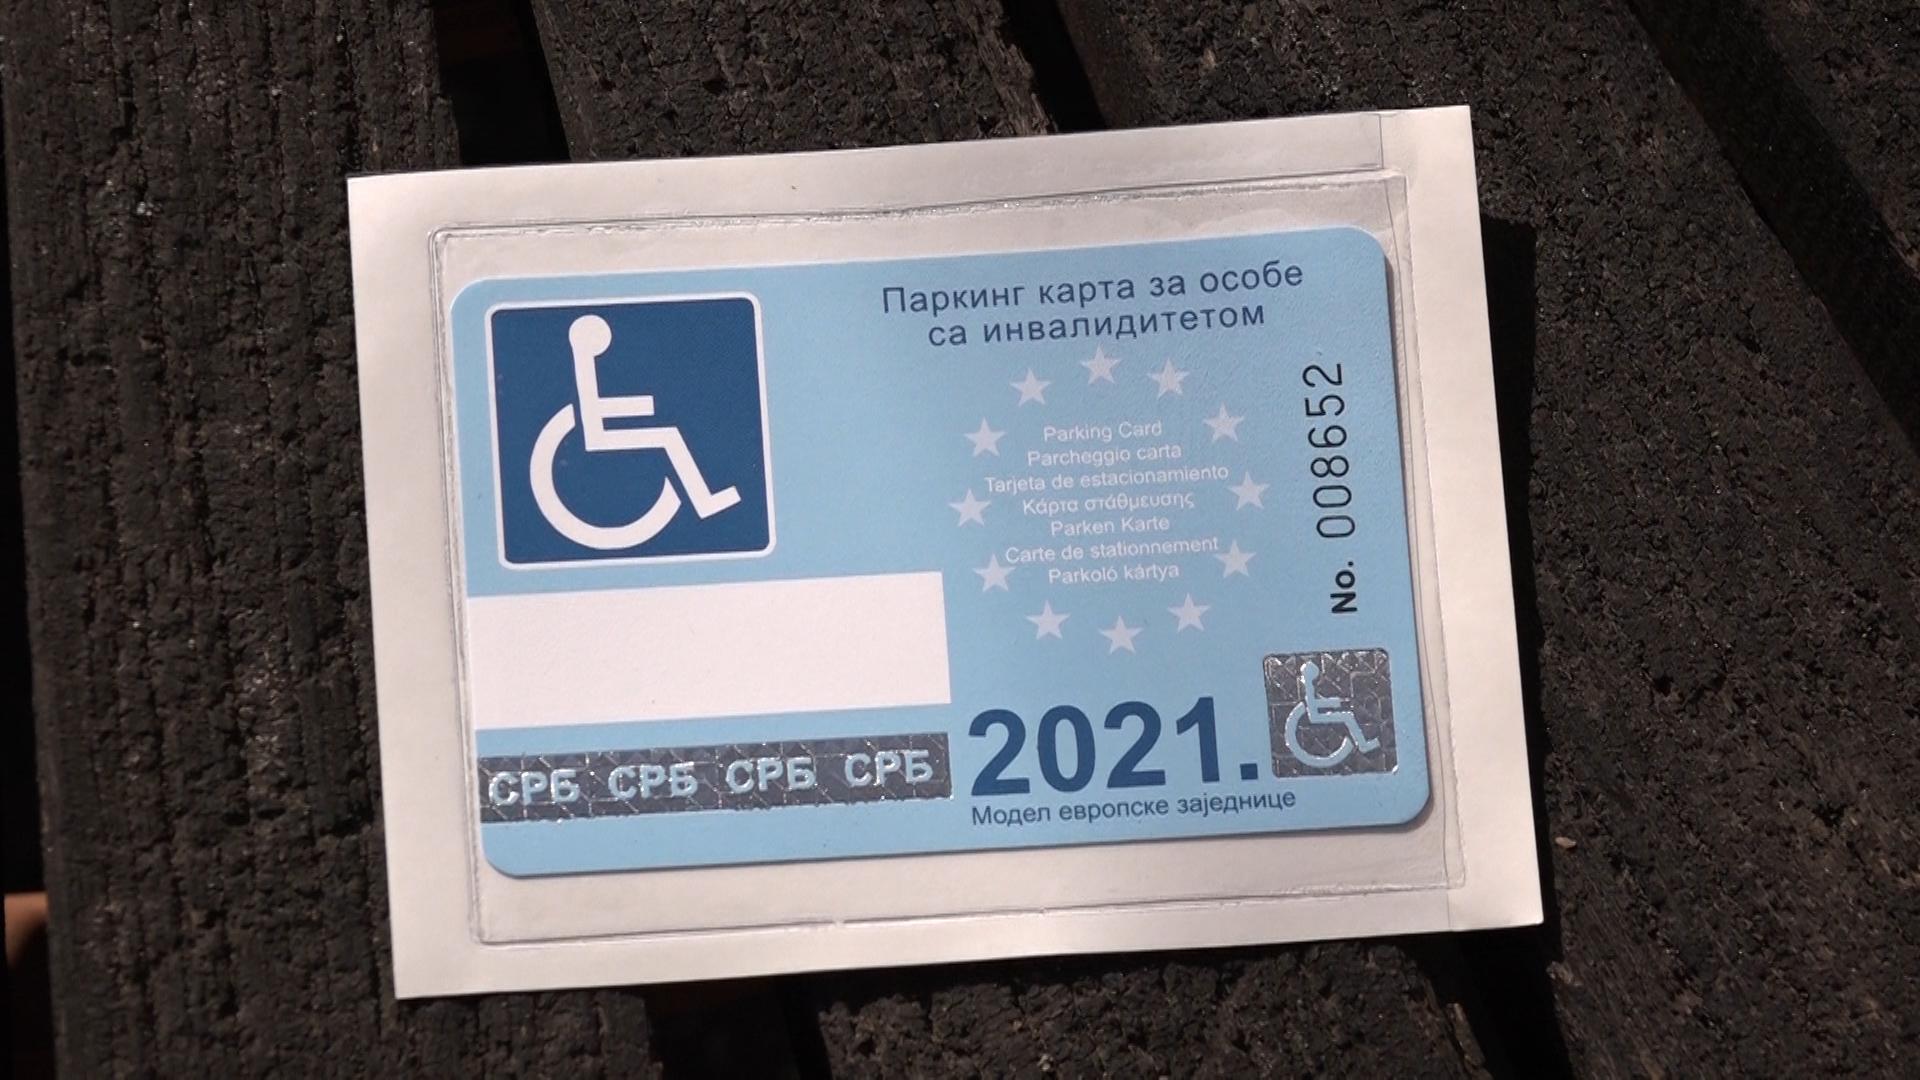 Izdavanje parking kartica osobama sa invaliditetom